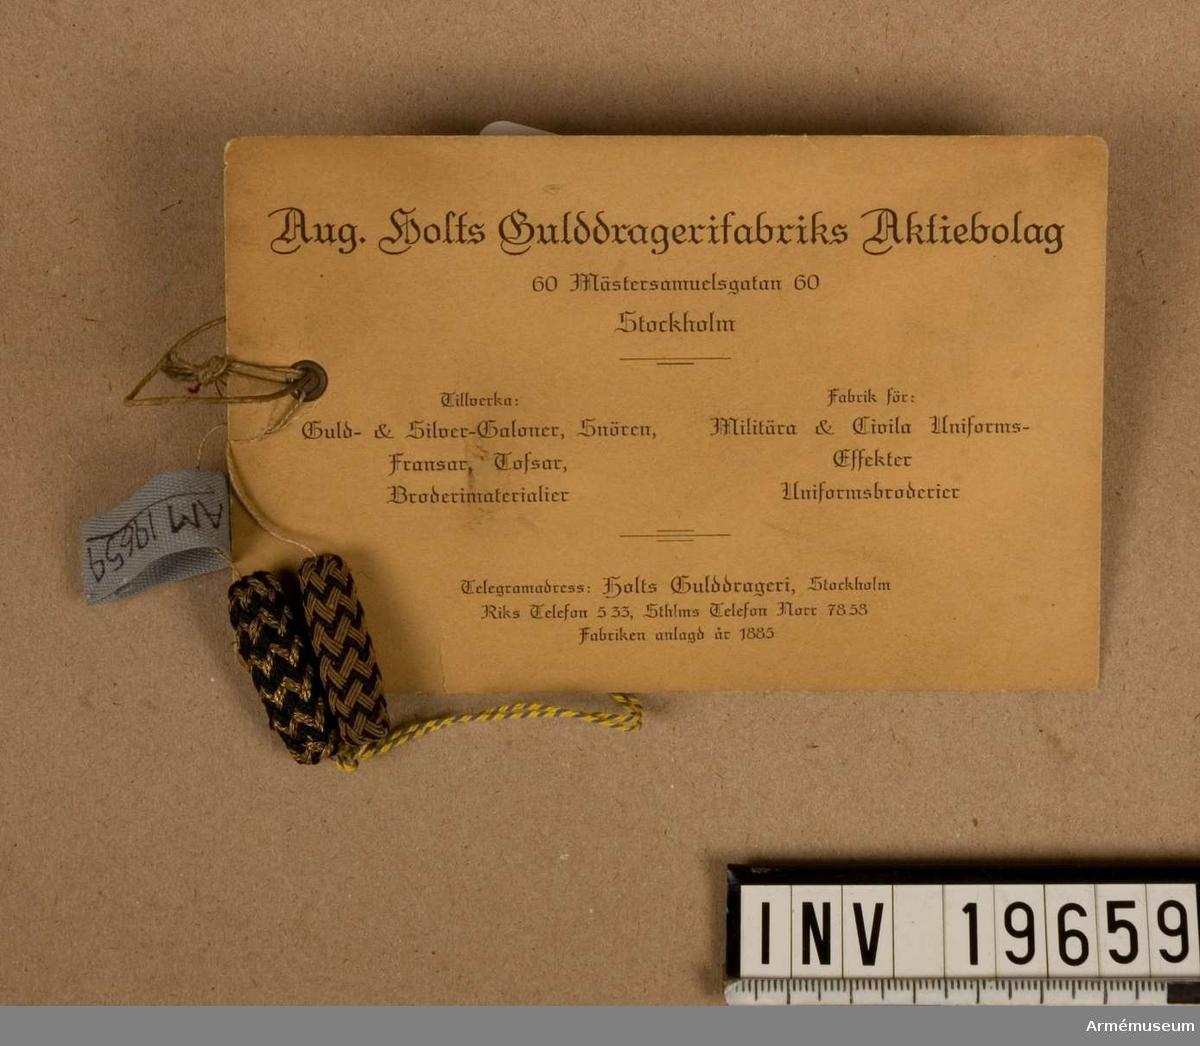 """Knapparna är flätade på olika sätt. Den ena har ett zig-zag mönster i guld, den andra har ett flätmönster i guld och svart. Båda knapparna är svarta och guldfärgade. På den tillhörande etiketten fr. Aug. Holts Gulddragerifabriks Aktiebolag, står det, handskrivet: """"Knappar nålade."""" August Holts Gulddragerifabriks Aktiebolag grundades 1885. 1906 sattes företaget i likvidation, men nyregistererades 1909. Till 1983 försåg företaget framförallt militären med tofsar och band vävda av guldtråd i någon form. Men alltfler av militärens order lades utomlands, i Asien, där produktionen var billigare. Aug. Holts Gulddragerifabriks AB fick svårt att klara konkurrensen, trots att deras varor höll högre kvalité än de importerade. När firman upphörde 1983 fick Nordiska museet en stor del av lagret. De kontaktade Armémuseum. Irma Wallenborg och Gunvor Klingberg fick välja ut material med militär anknytning. Men huvuddelen av samlingen finns dock fortfarande i Nordiska museet."""